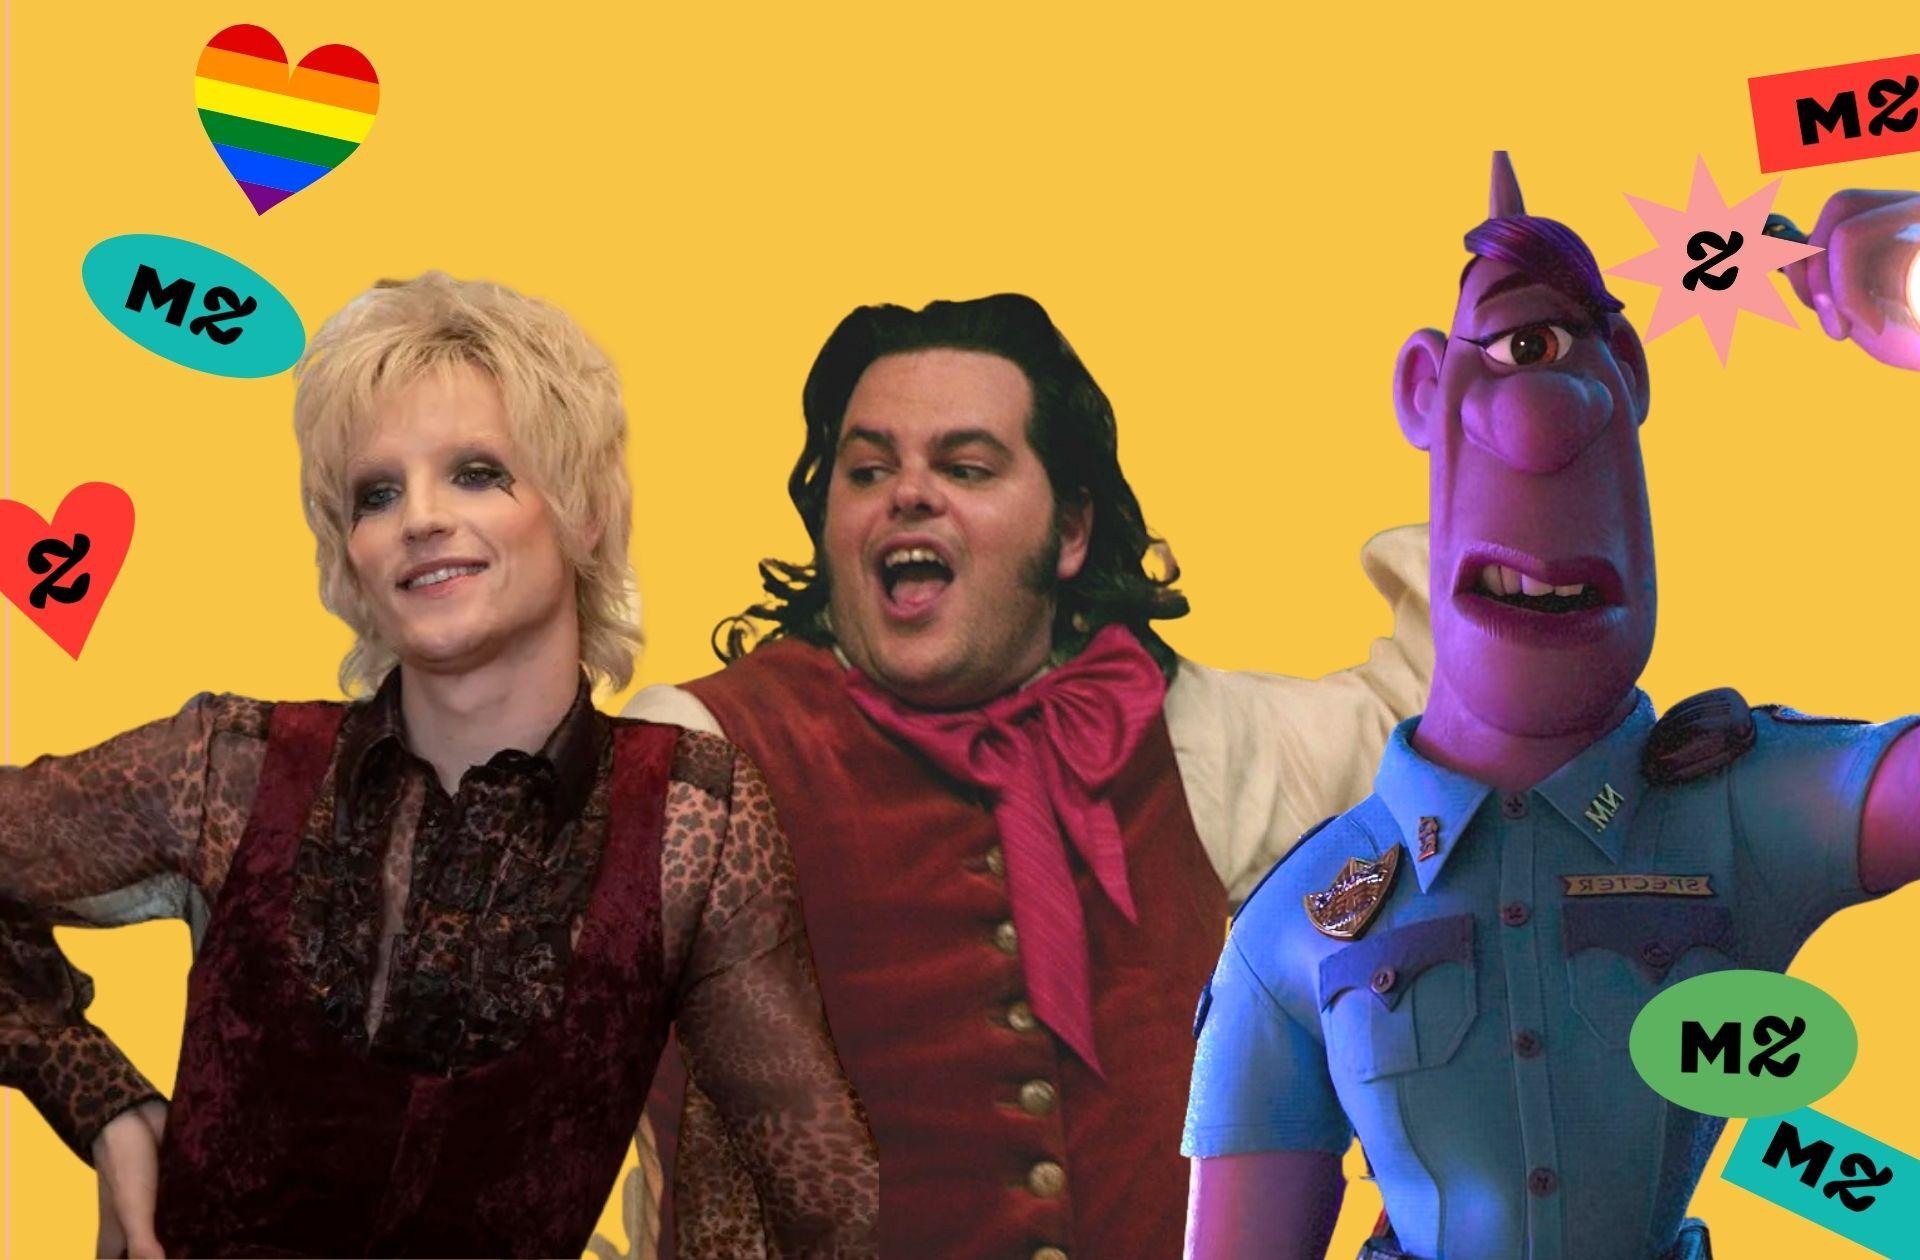 Salut Disney, ça commence à se voir que la représentation LGBTI+ ne vous intéresse pas vraiment